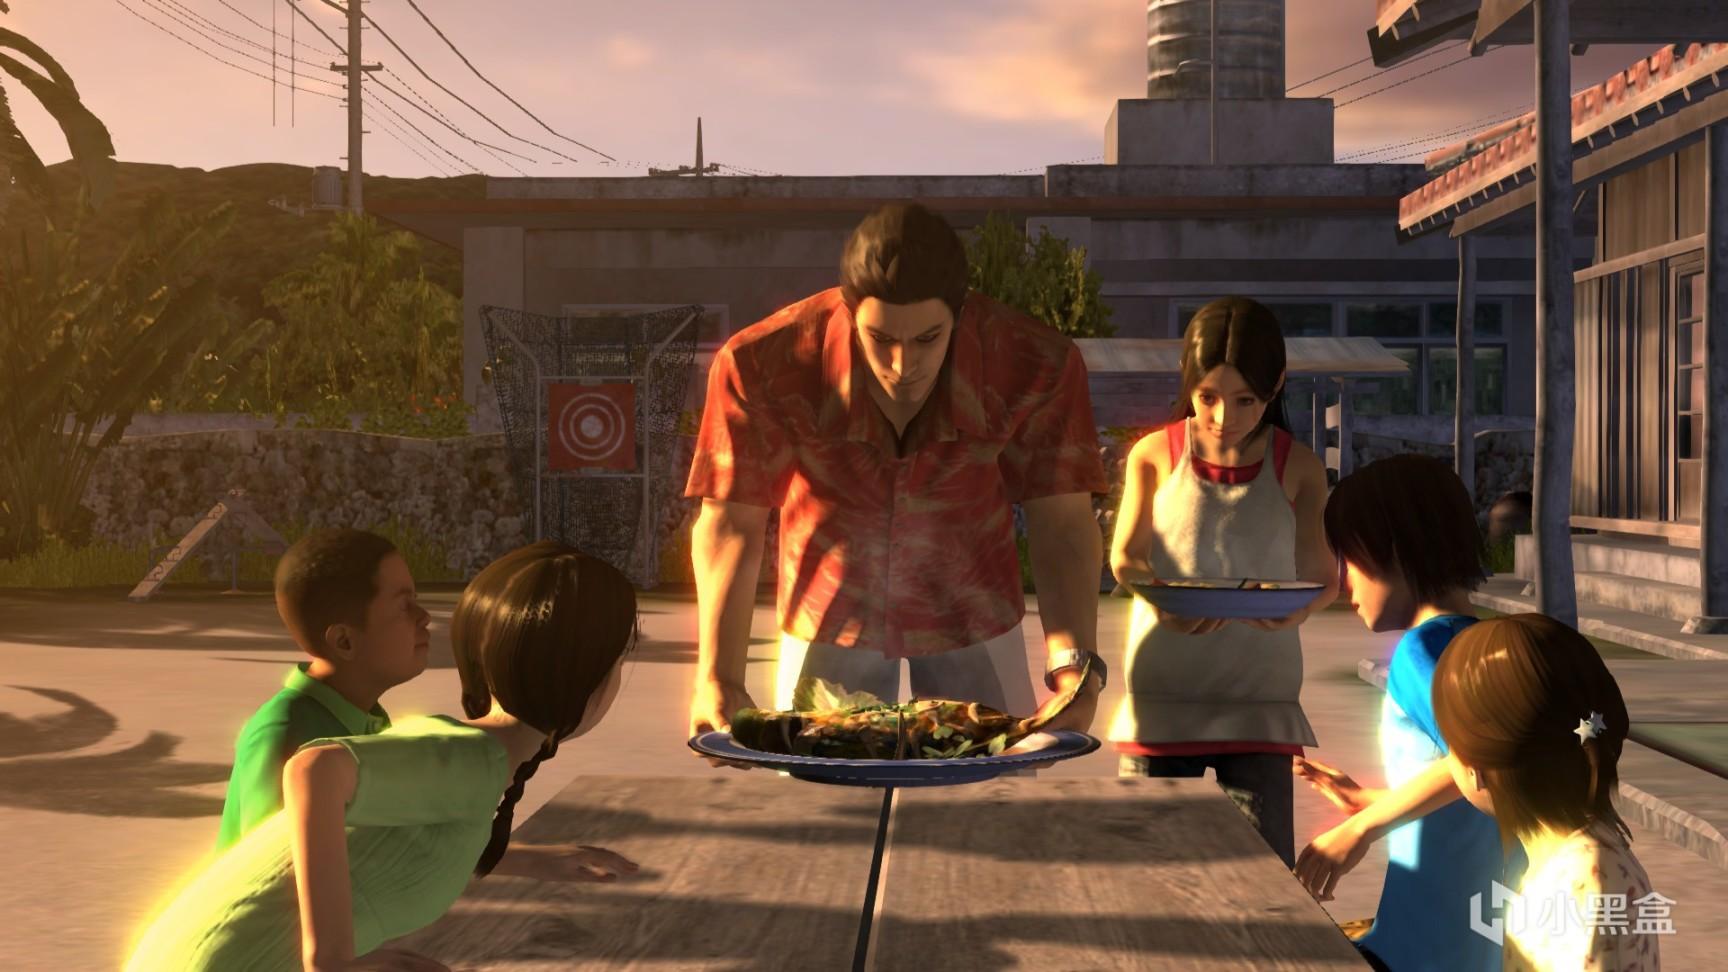 如龙(Yakuza)PC全系列(0~7)游戏介绍及游玩一览(中)插图1